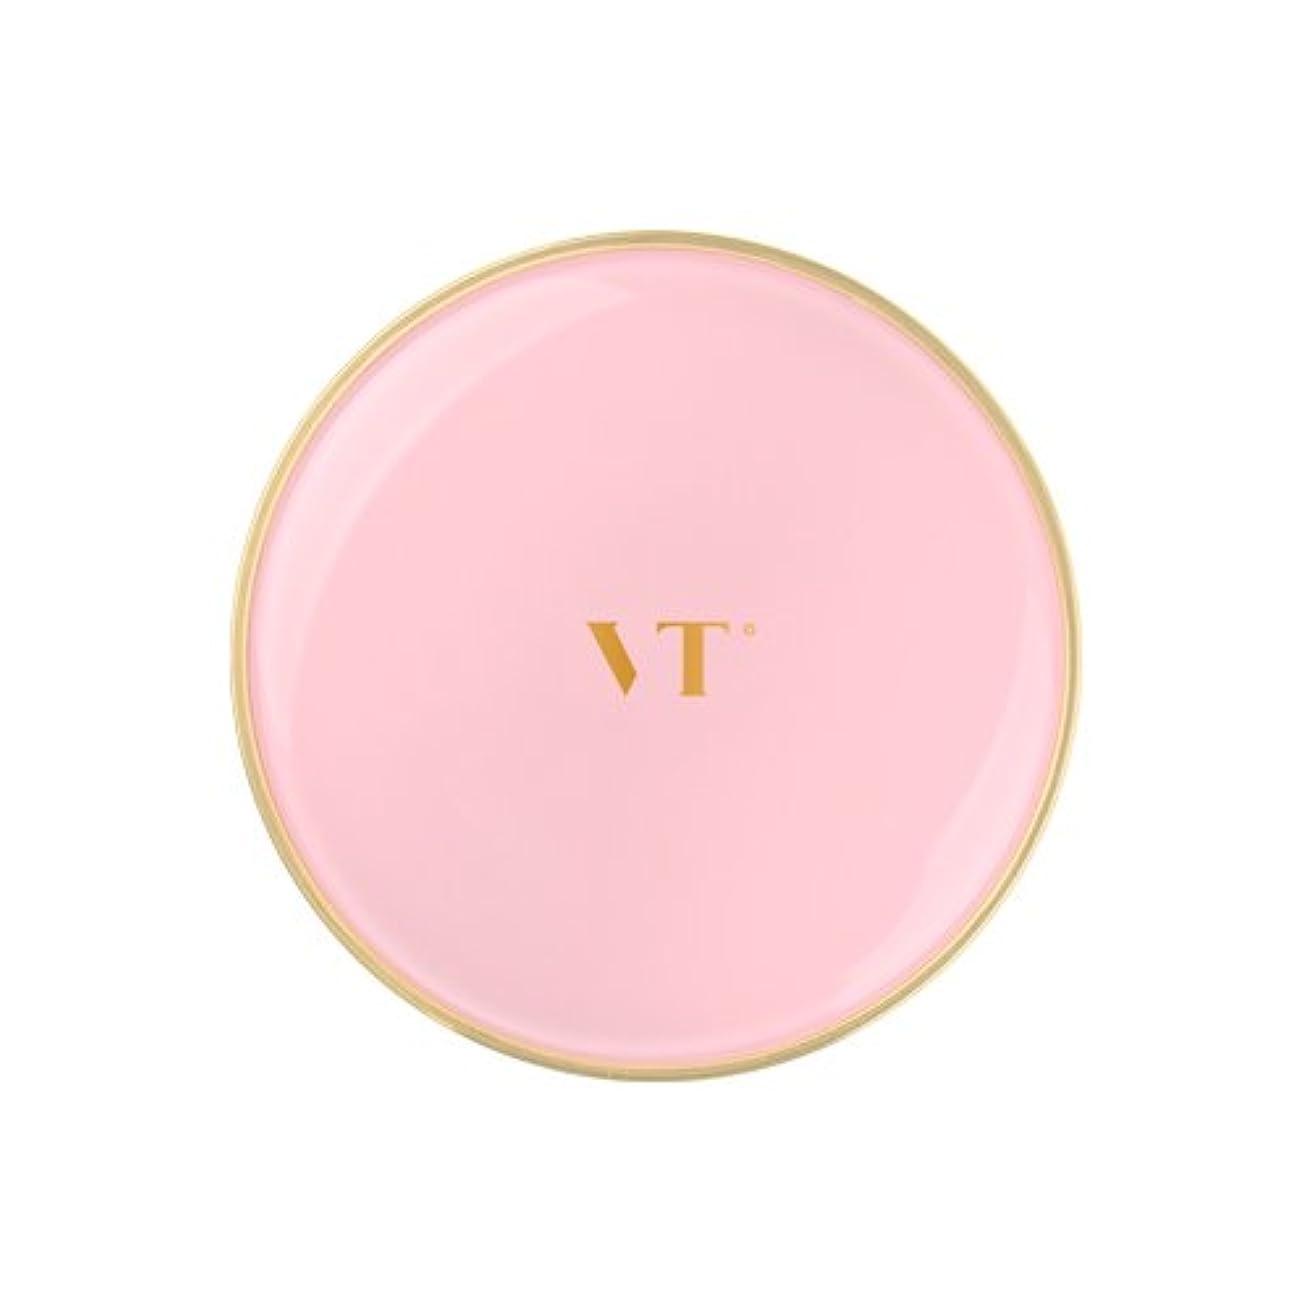 予想する松完璧なVT Collagen Pact 11g/ブイティー コラーゲン パクト 11g [並行輸入品]